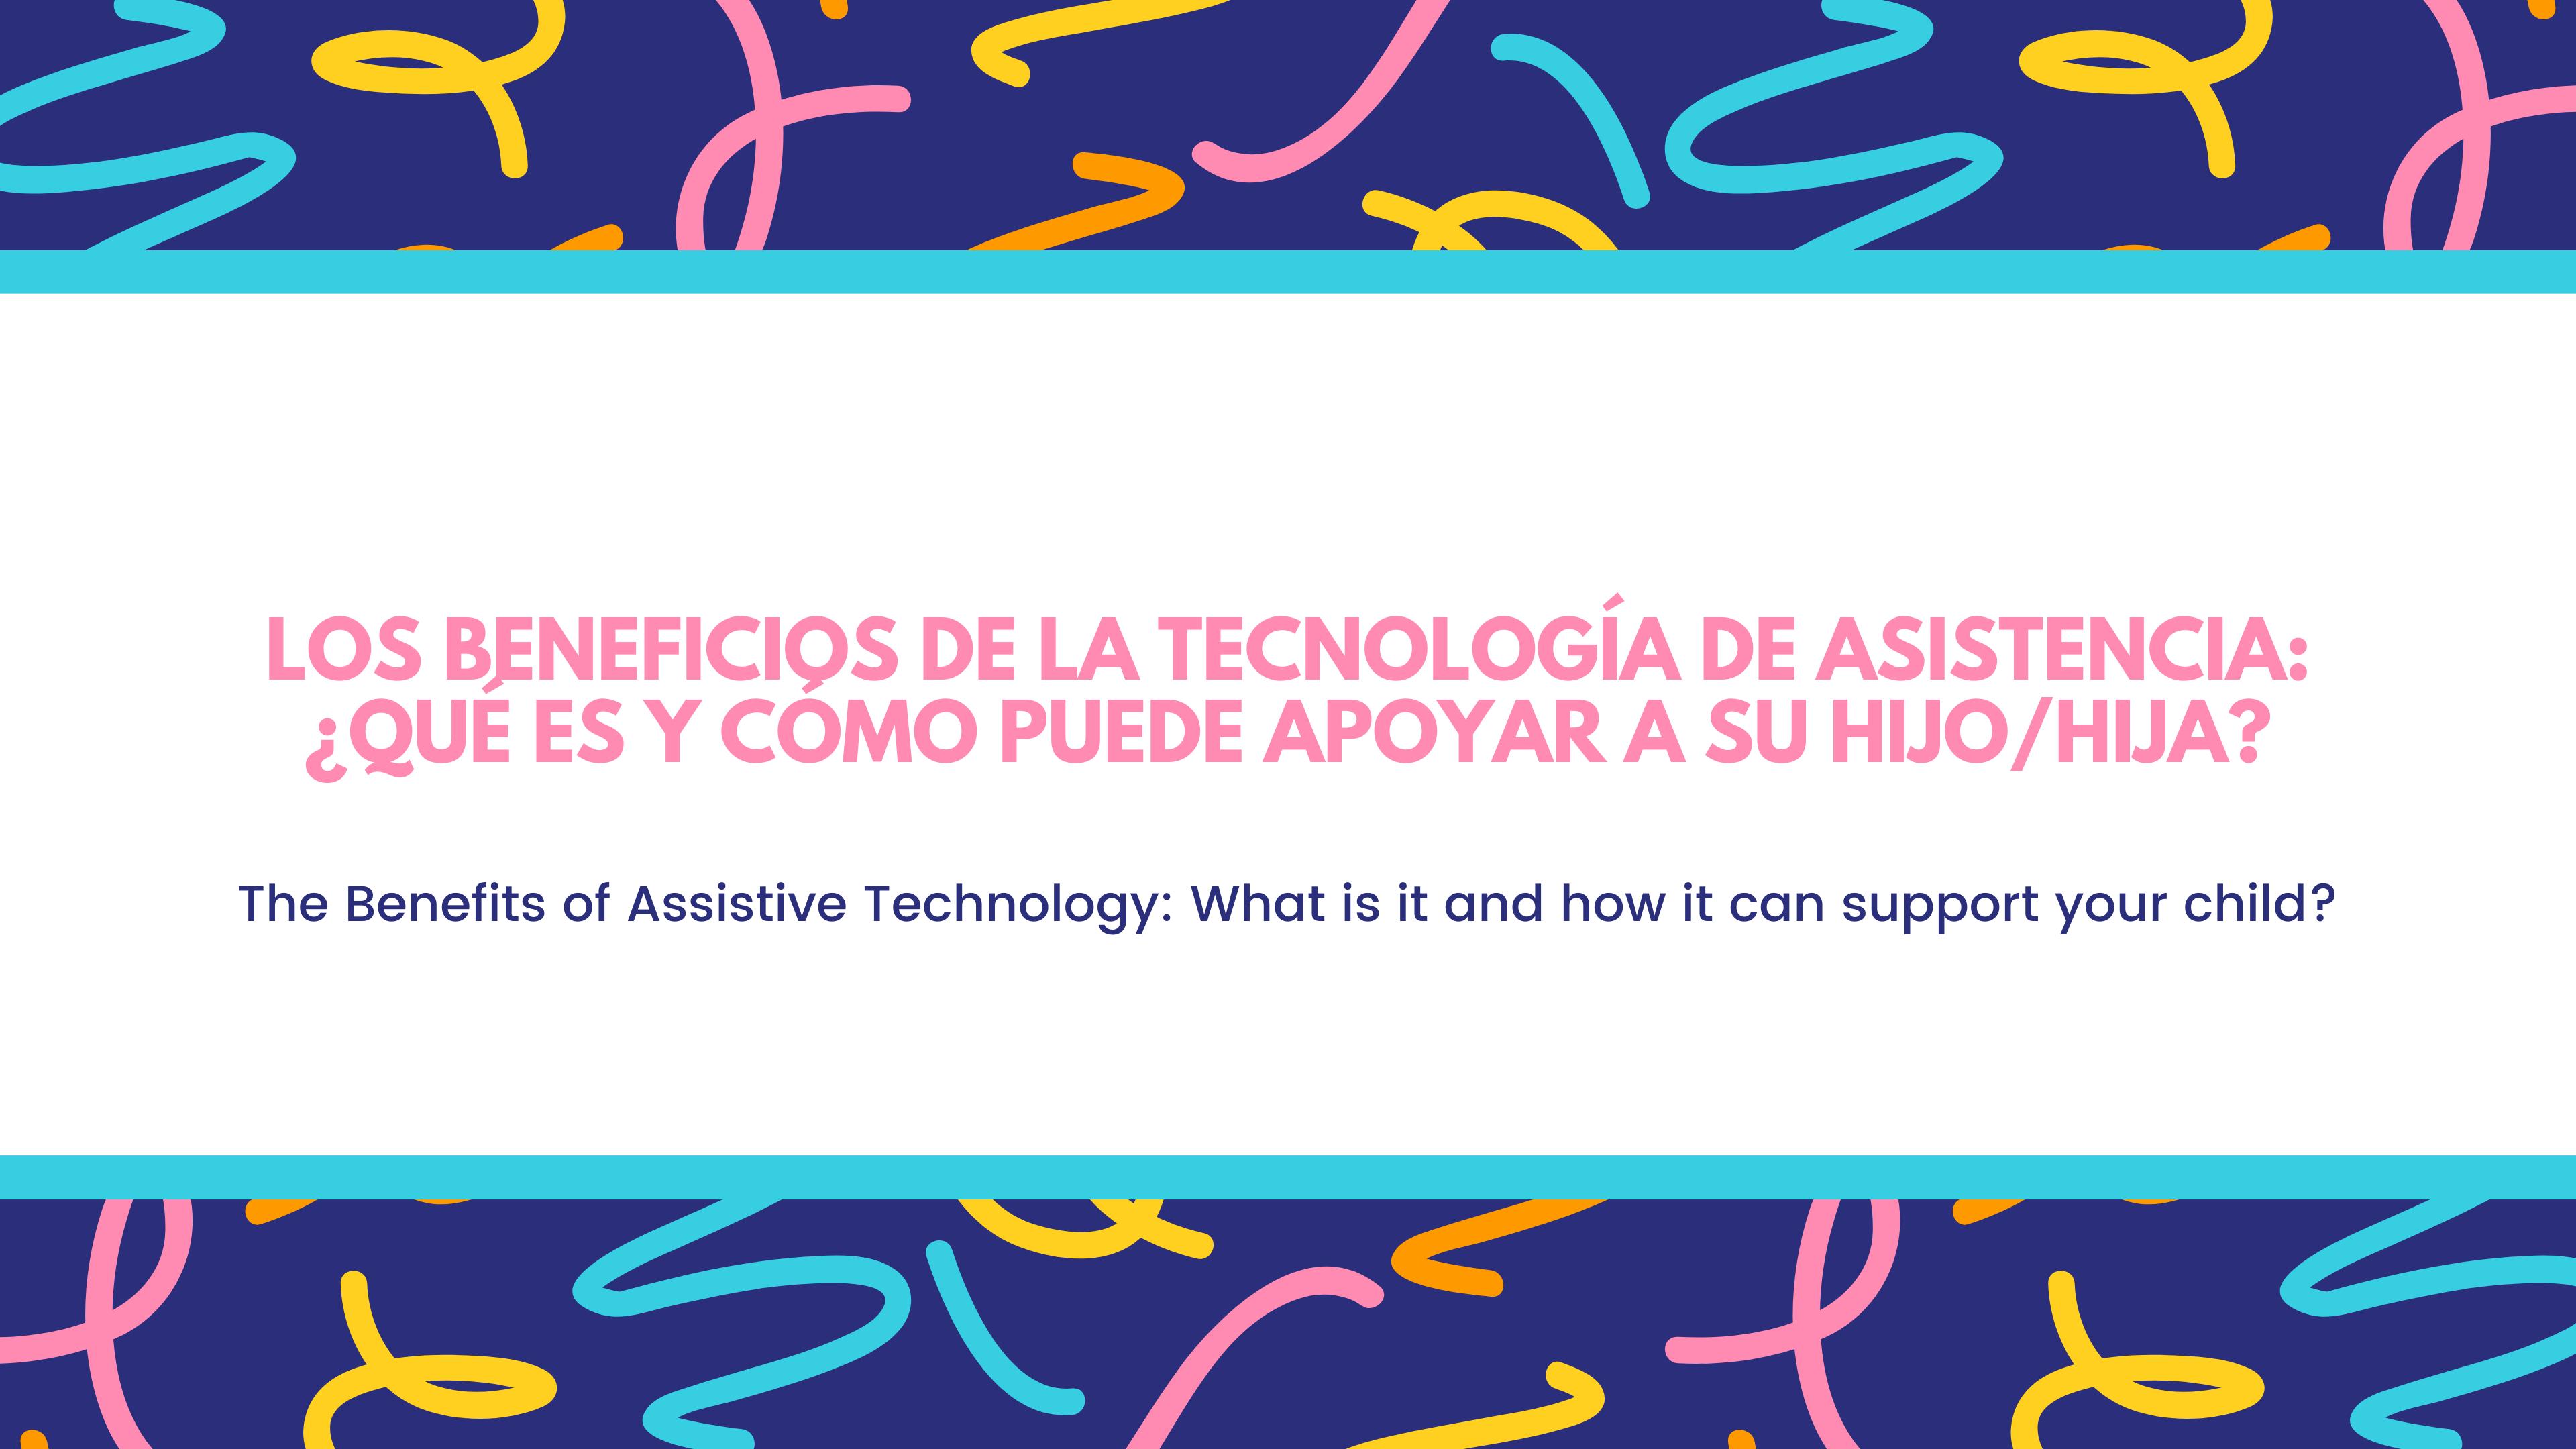 Los beneficios de la tecnología de asistencia: ¿Qué es y cómo puede apoyar a su hijo/hija? / The Benefits of Assistive Technology: What is it and how it can support your child?